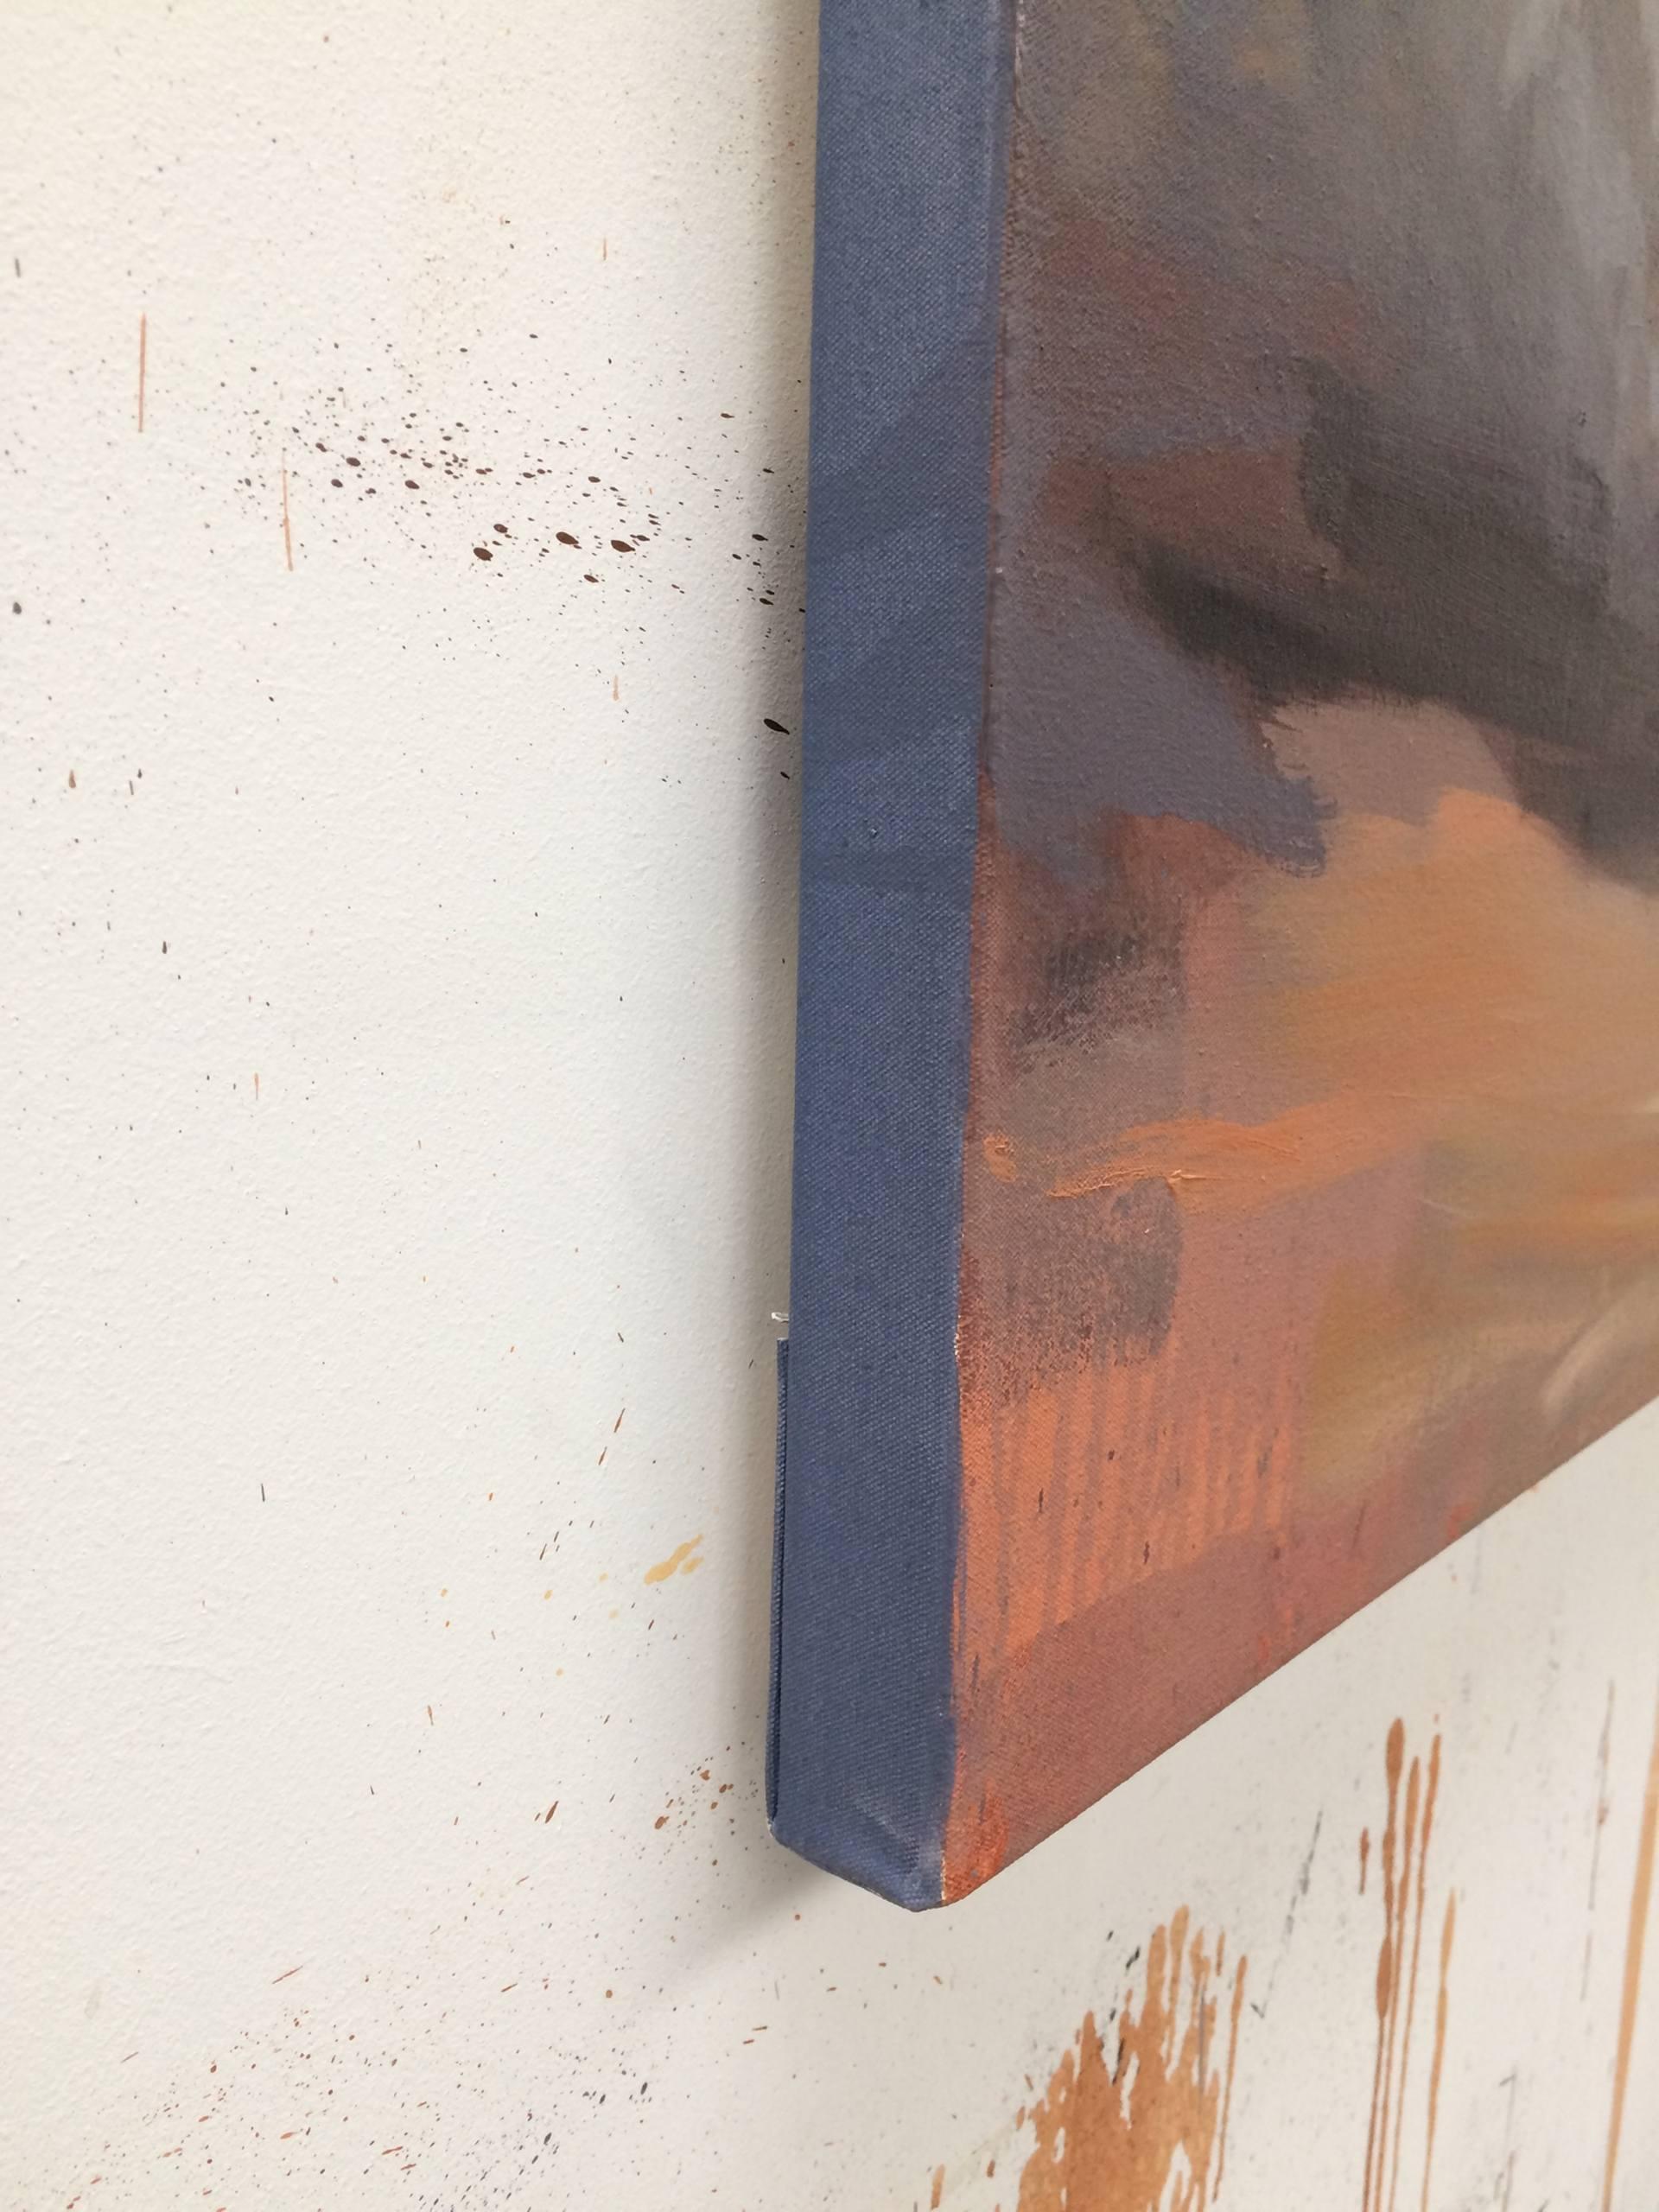 Saatchi Art: Toro IX Painting by Zil Hoque